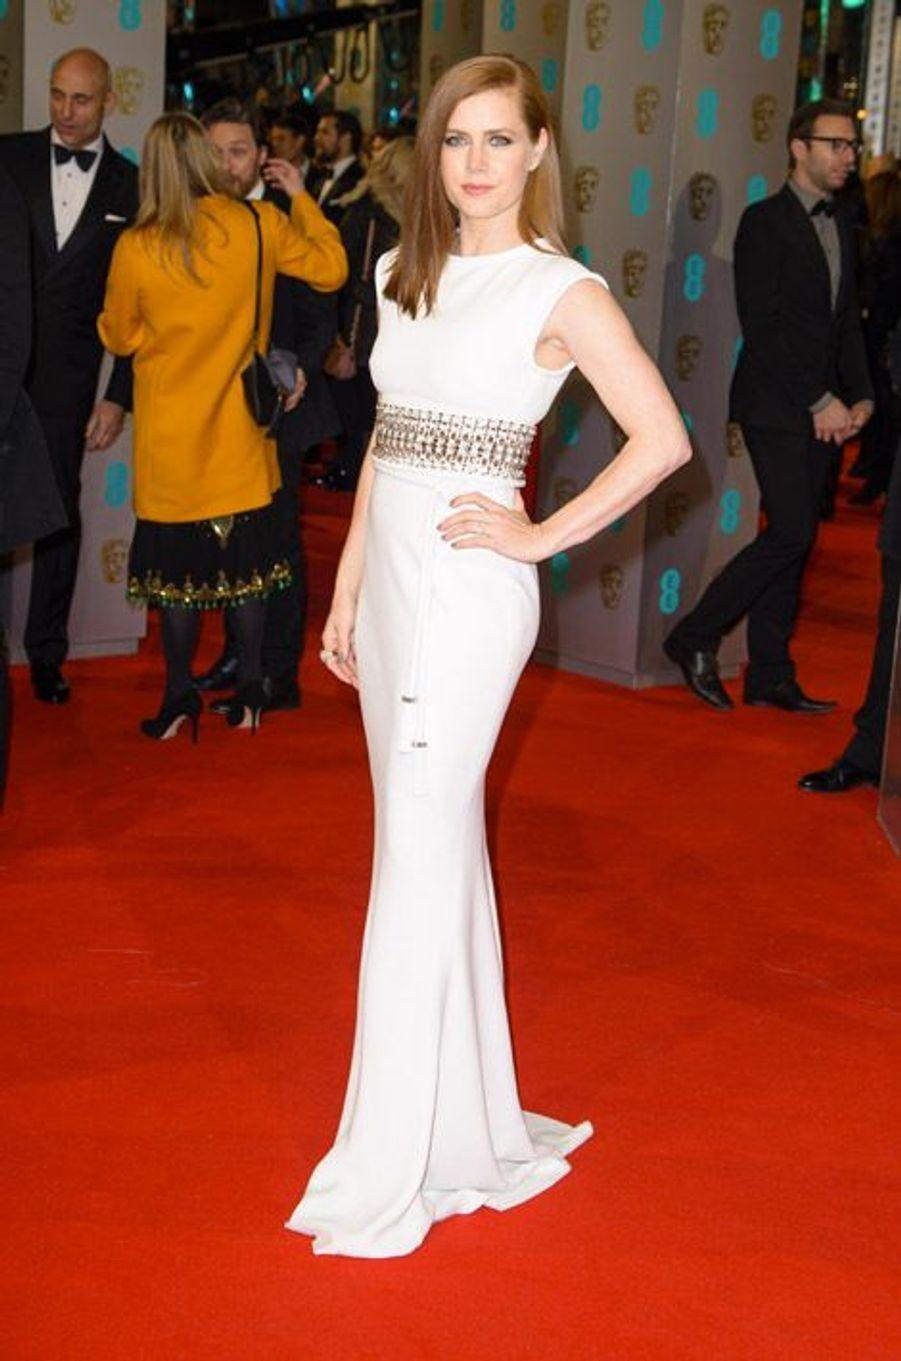 L'actrice Amy Adams en Lanvin lors de la cérémonie des BAFTA le 8 février 2015